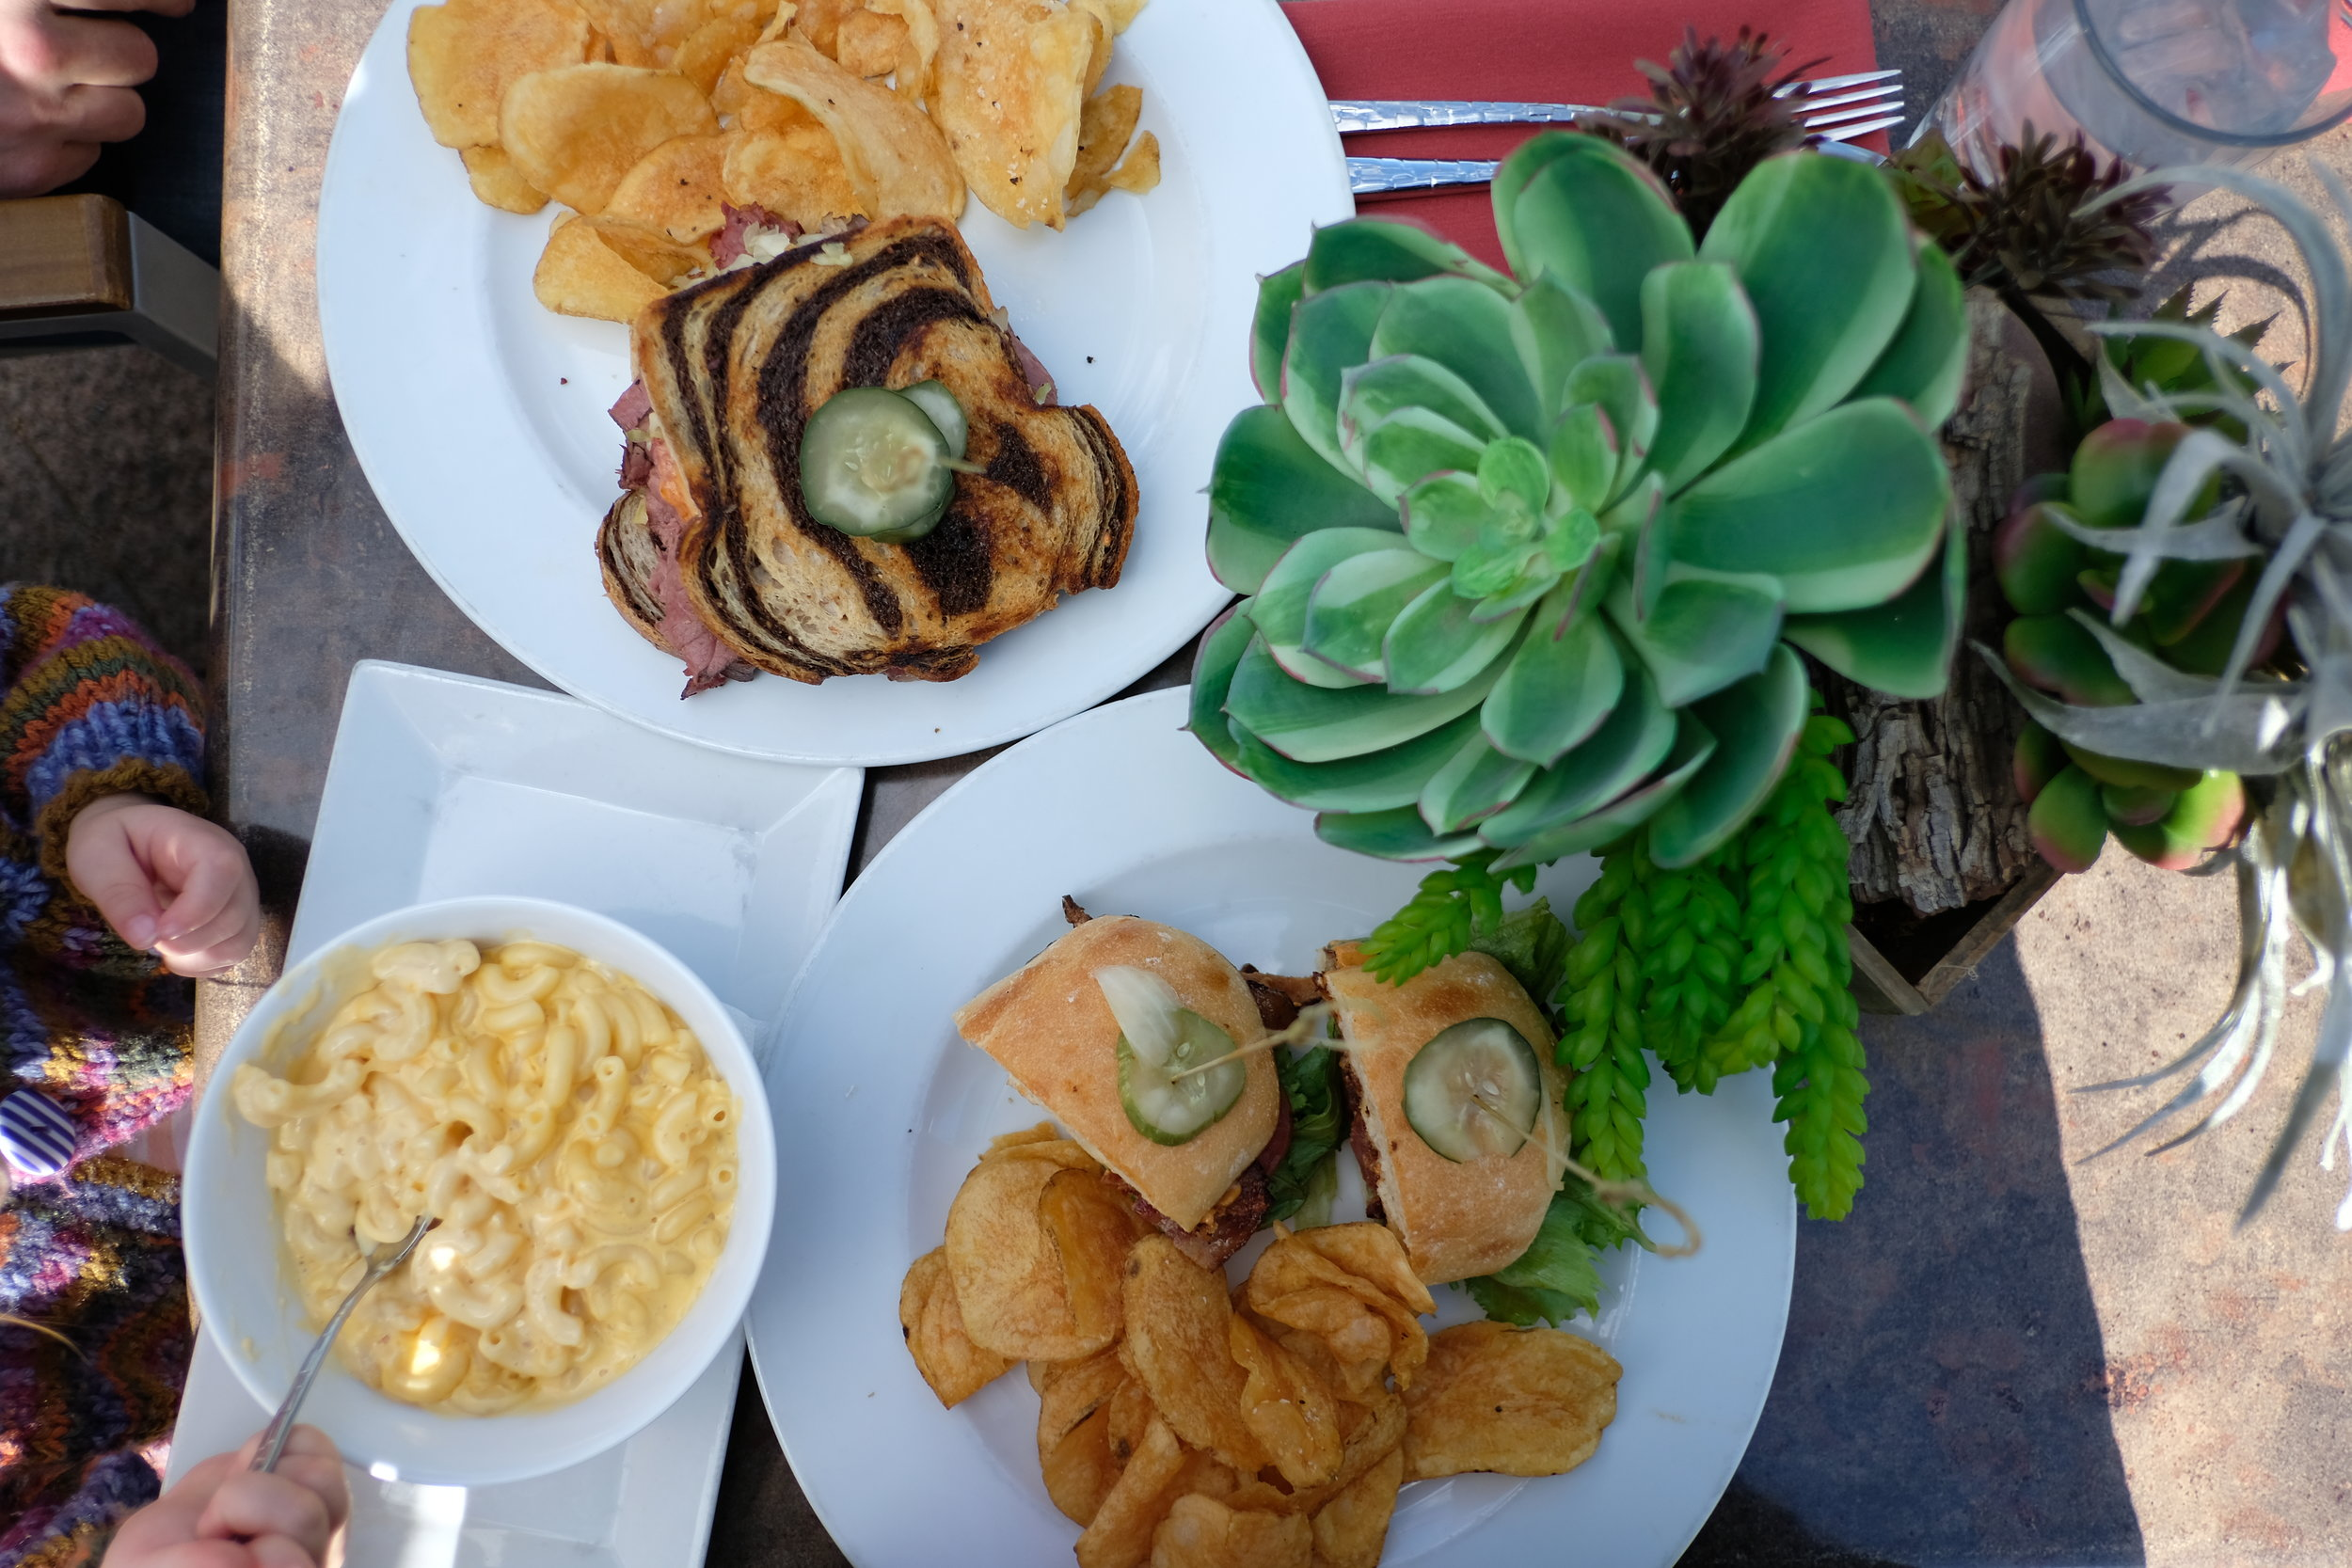 Resturant:Gertrude's